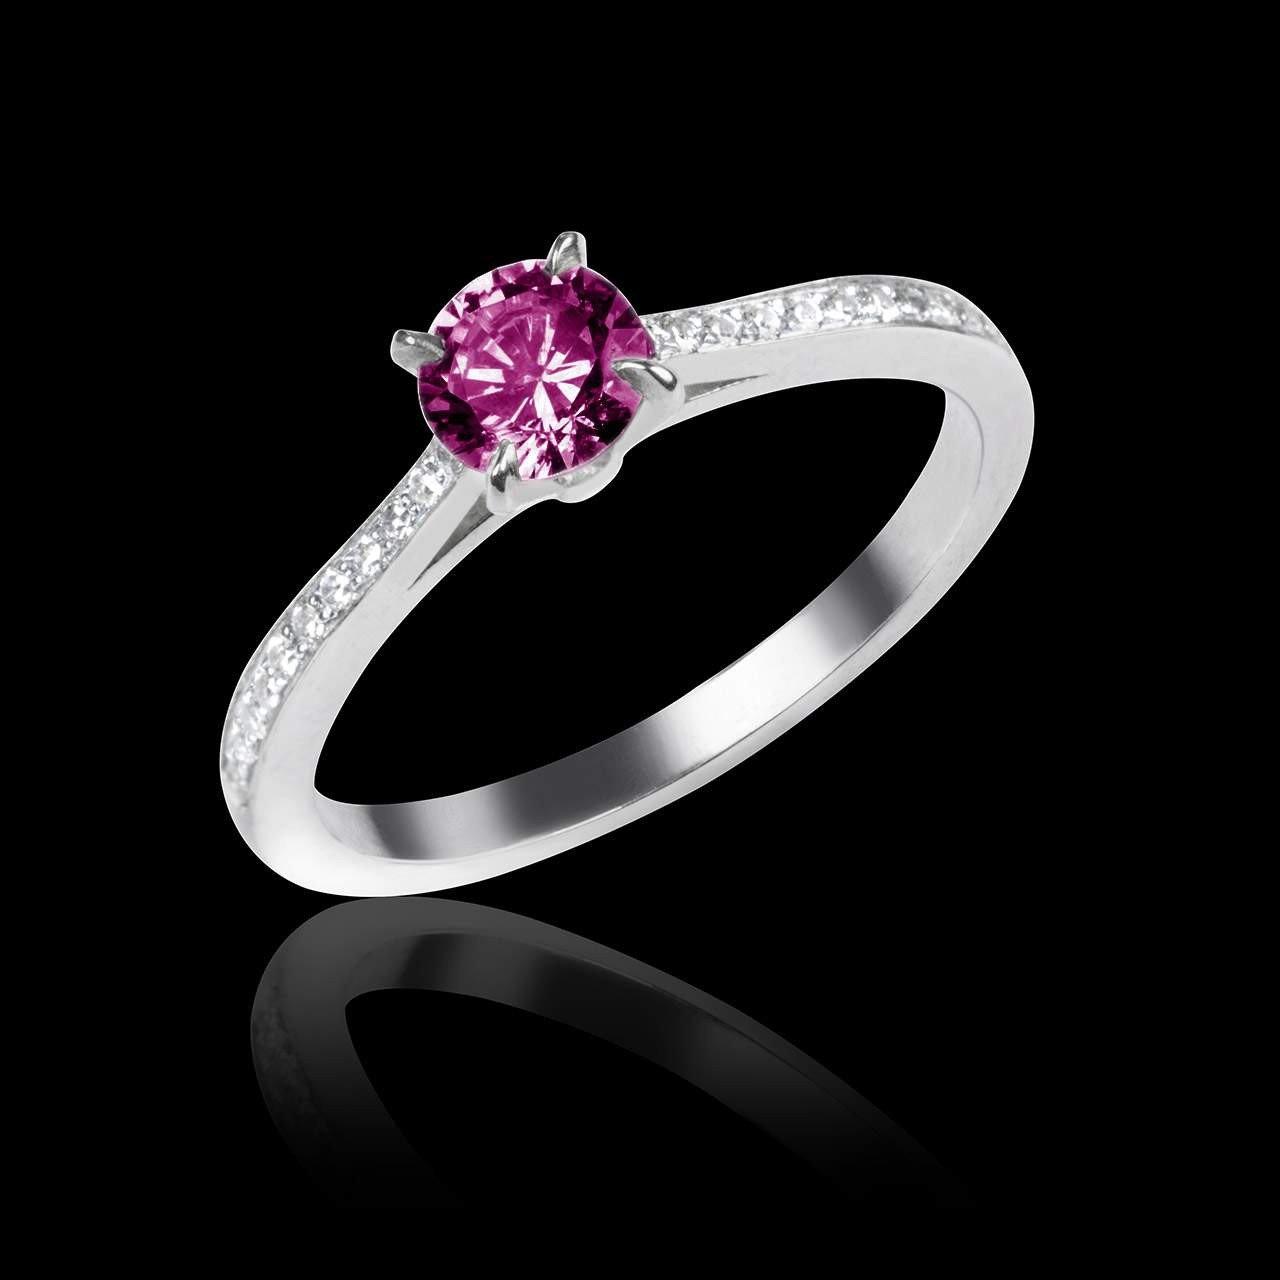 Bien-aimé Bague de fiançailles diamant Elodie - Maison Jaubalet BS93